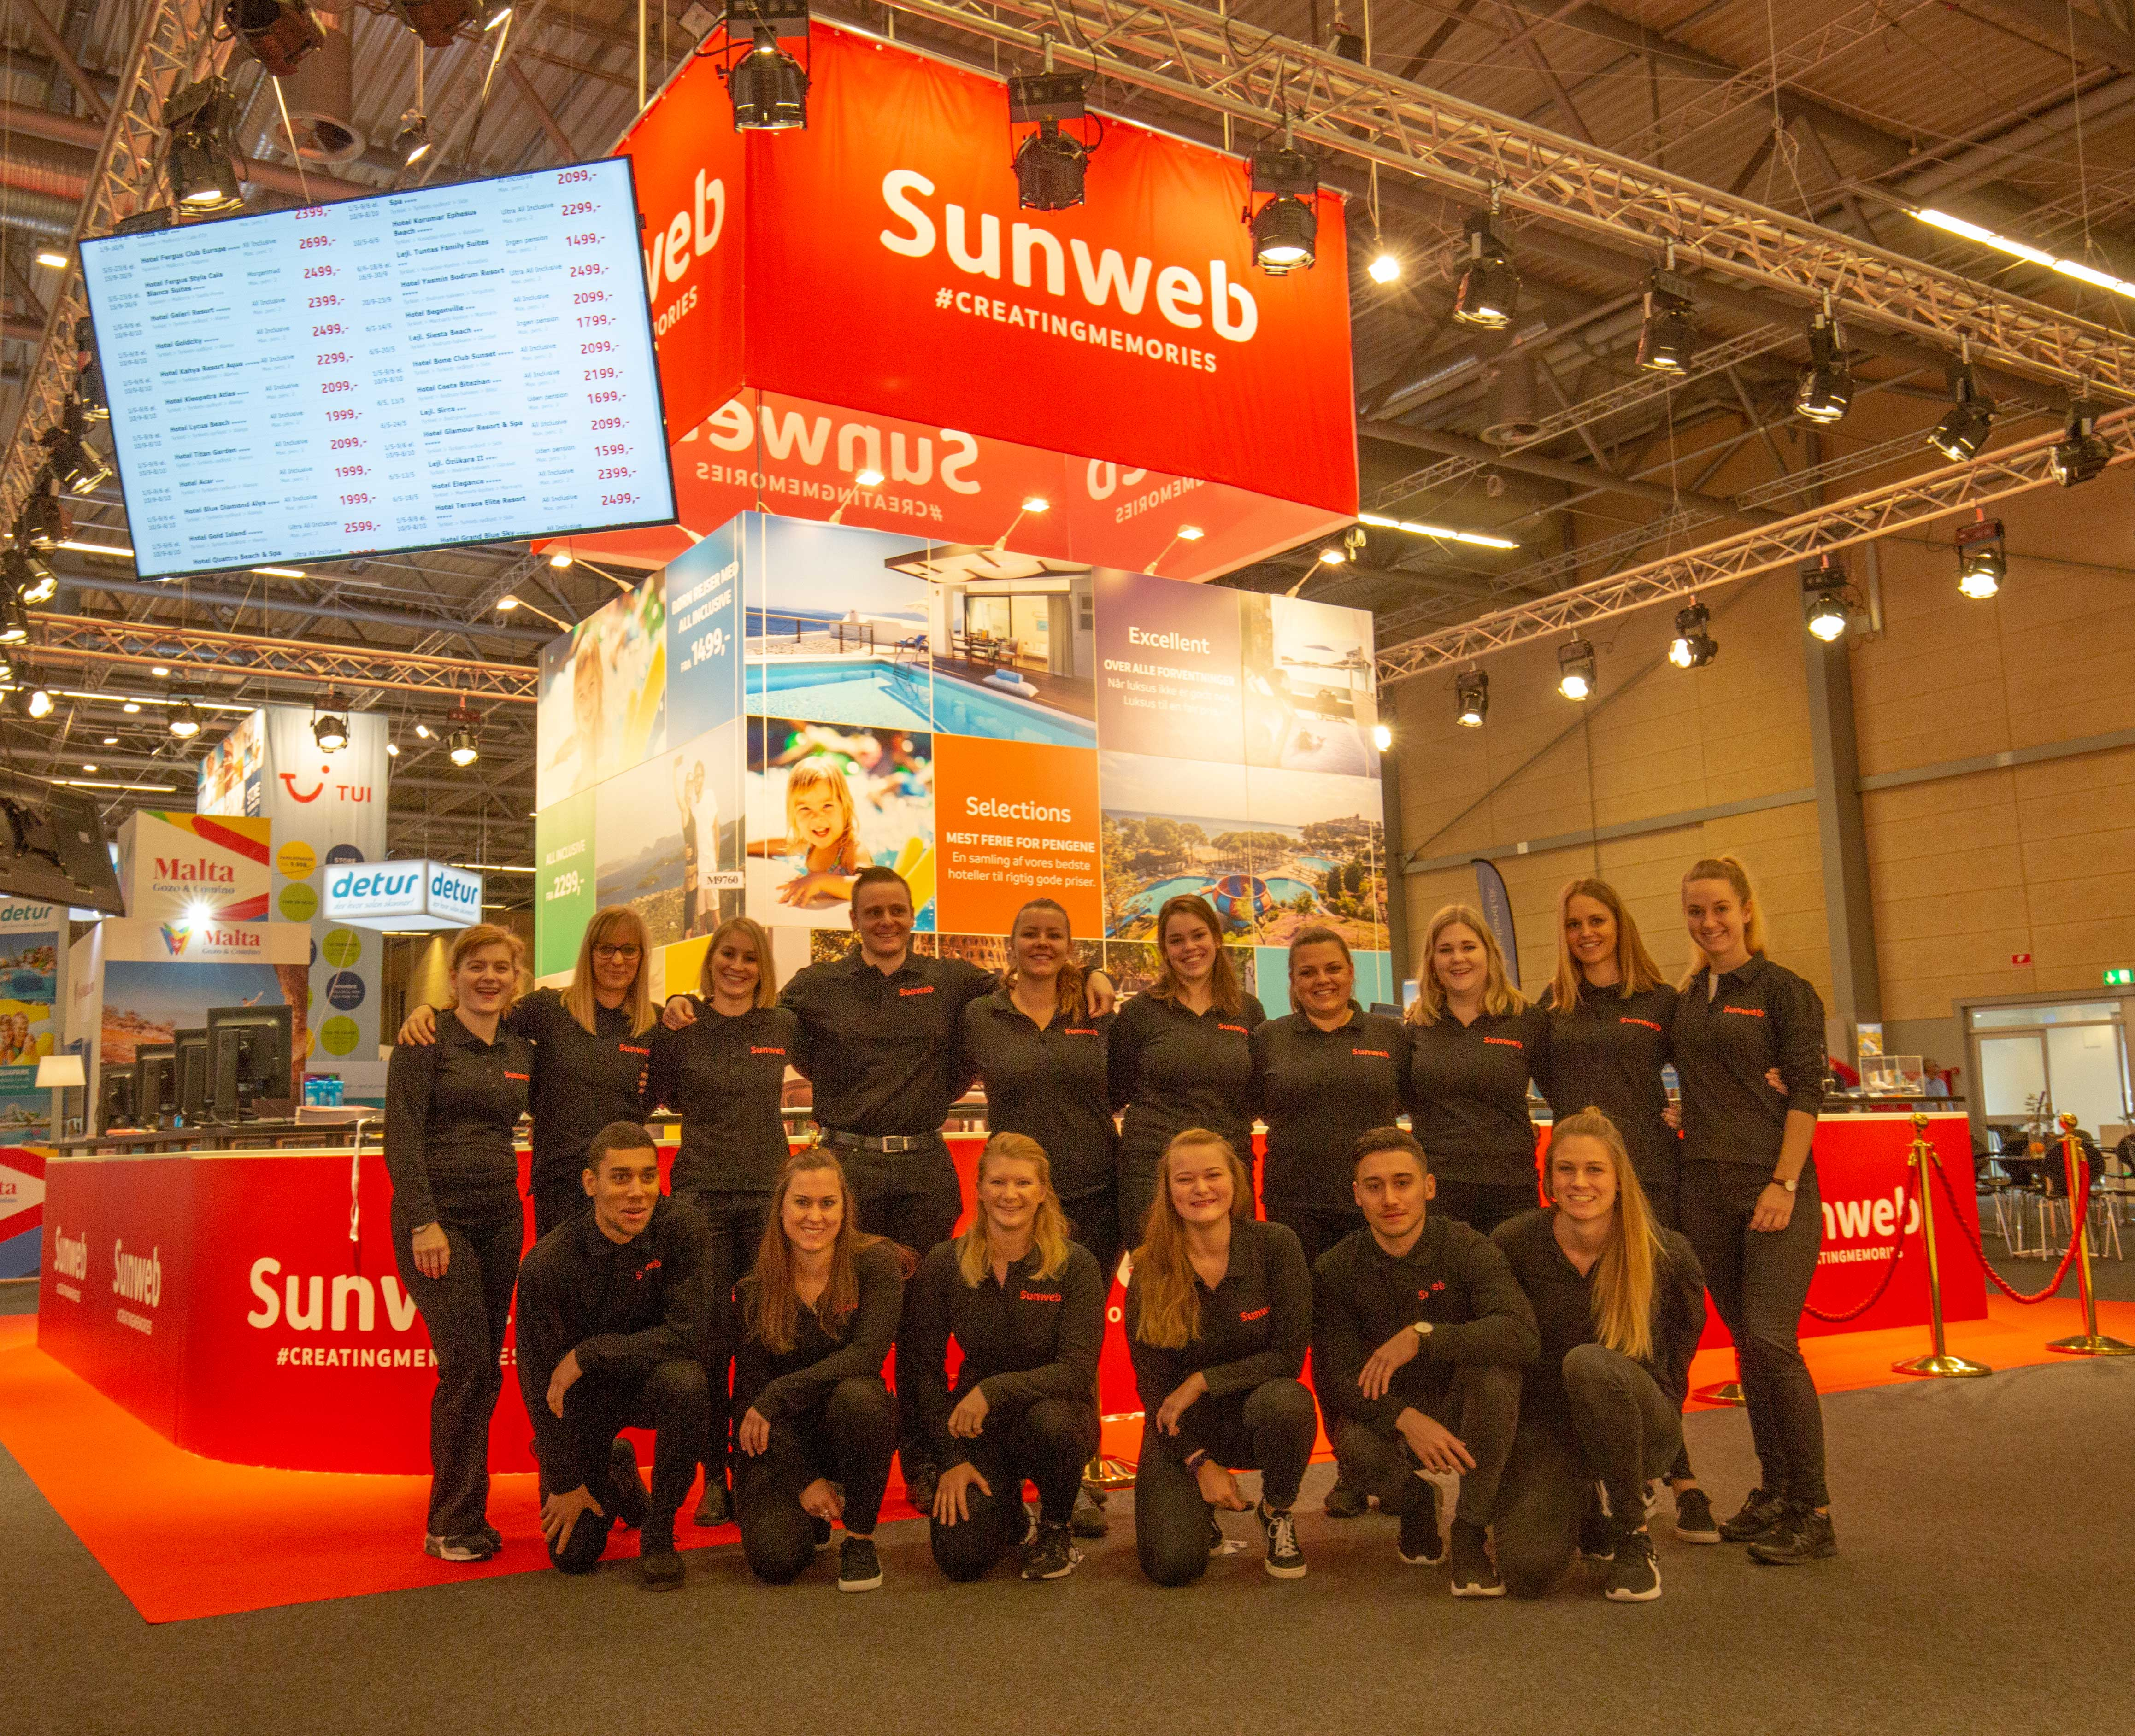 Personale fra Sunweb ved rejsemessen Ferie for Alle i Messecenter Herning. Foto: Sunweb.